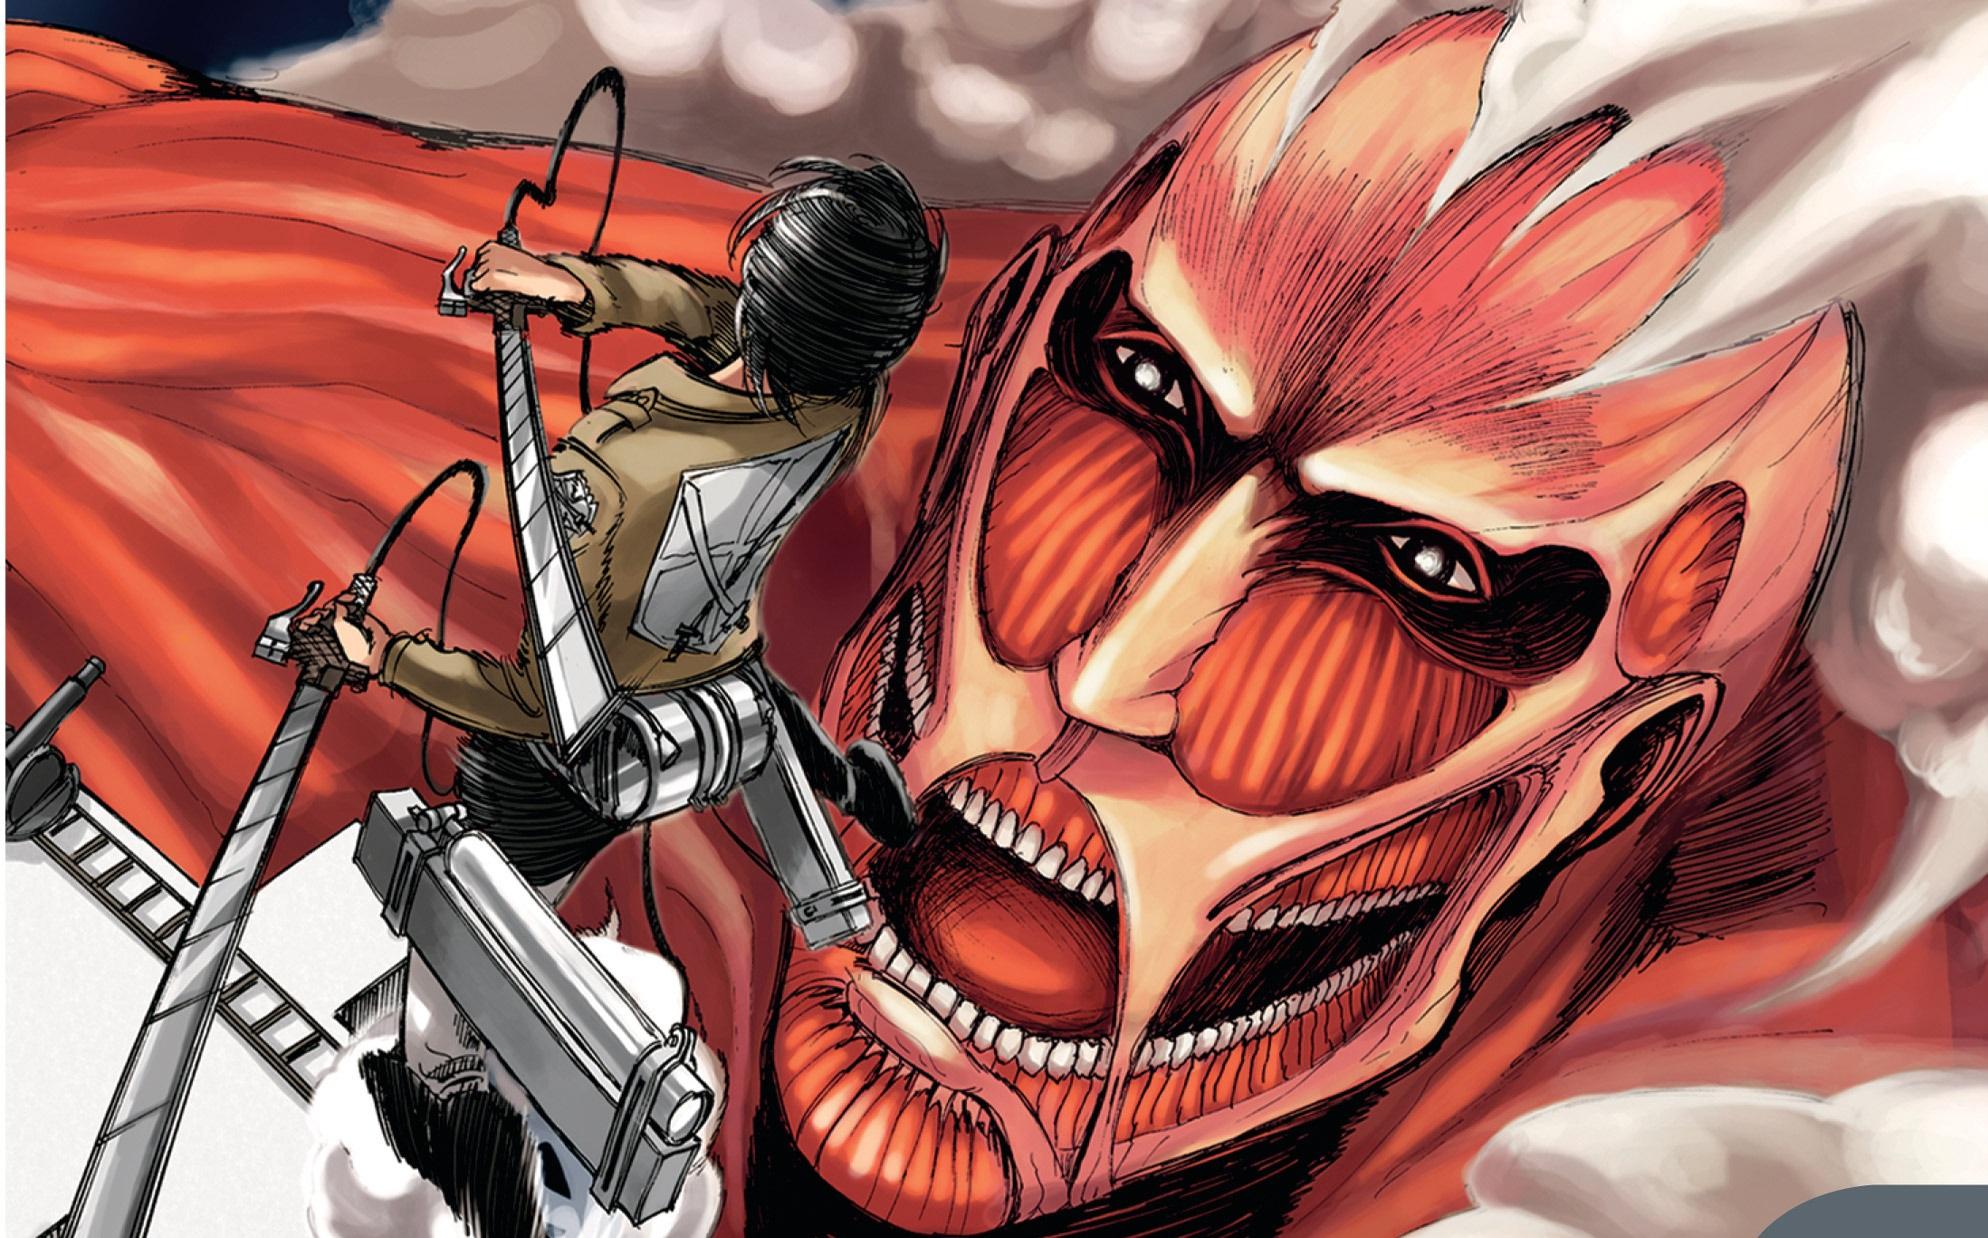 El manga de Shingeki no Kyojin entra en su arco final — Kudasai